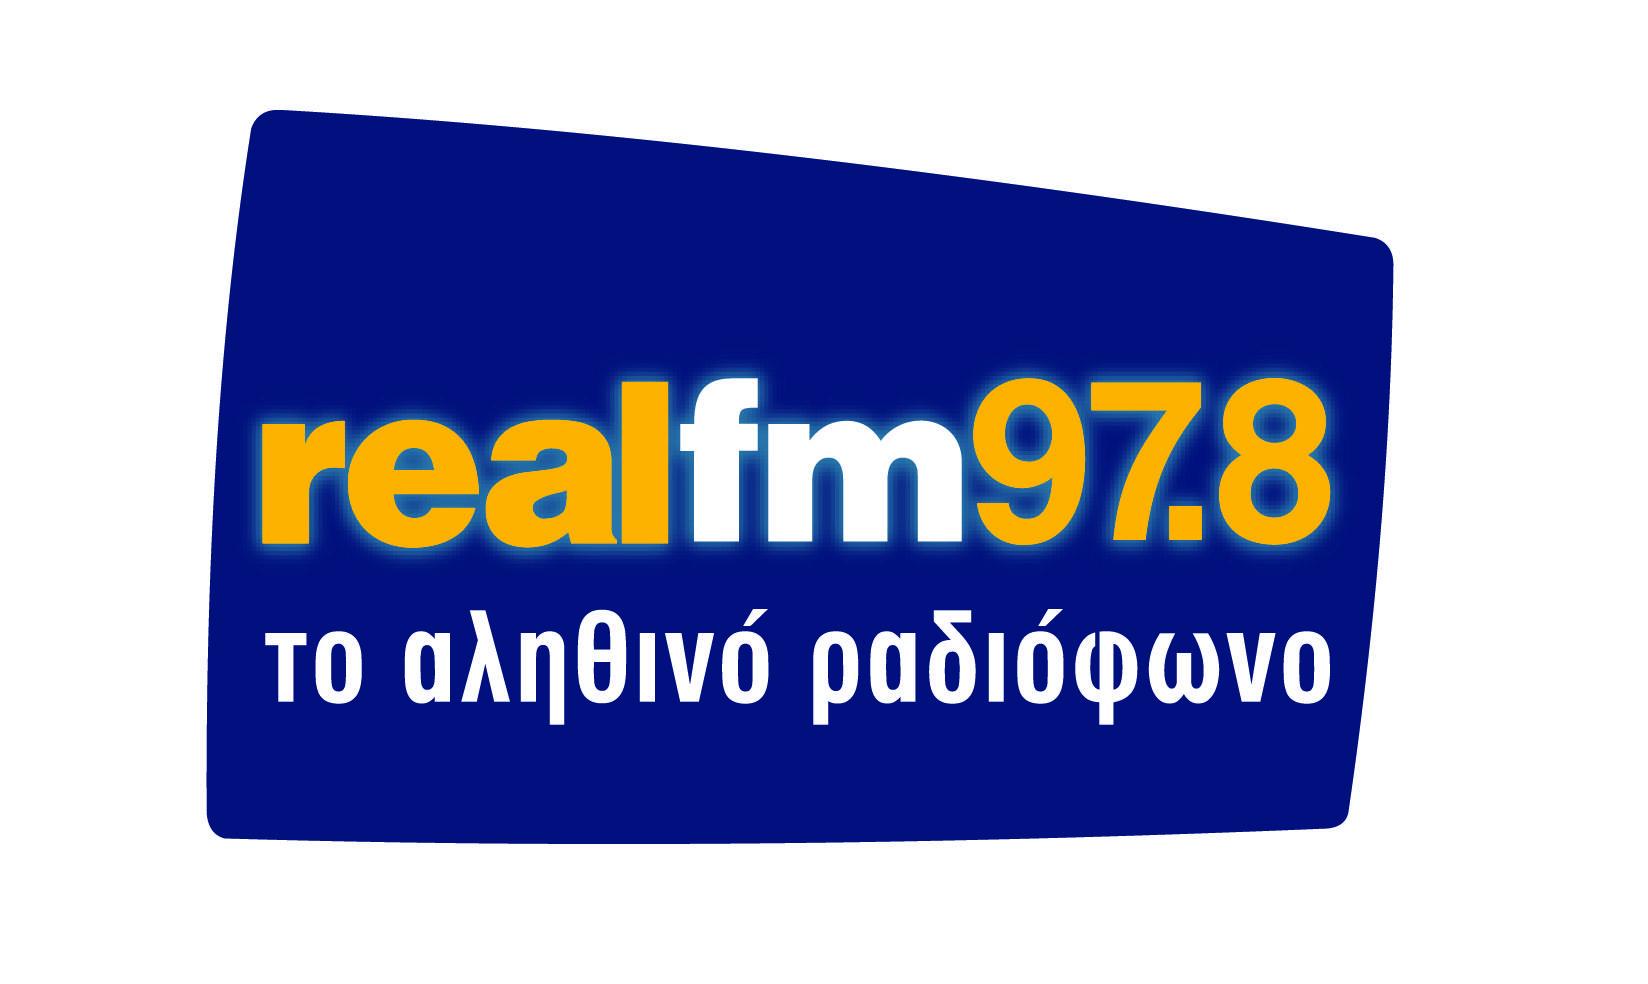 Συνέντευξη του Γ. Αδαμίδη στο Ρ/Σ REAL FM